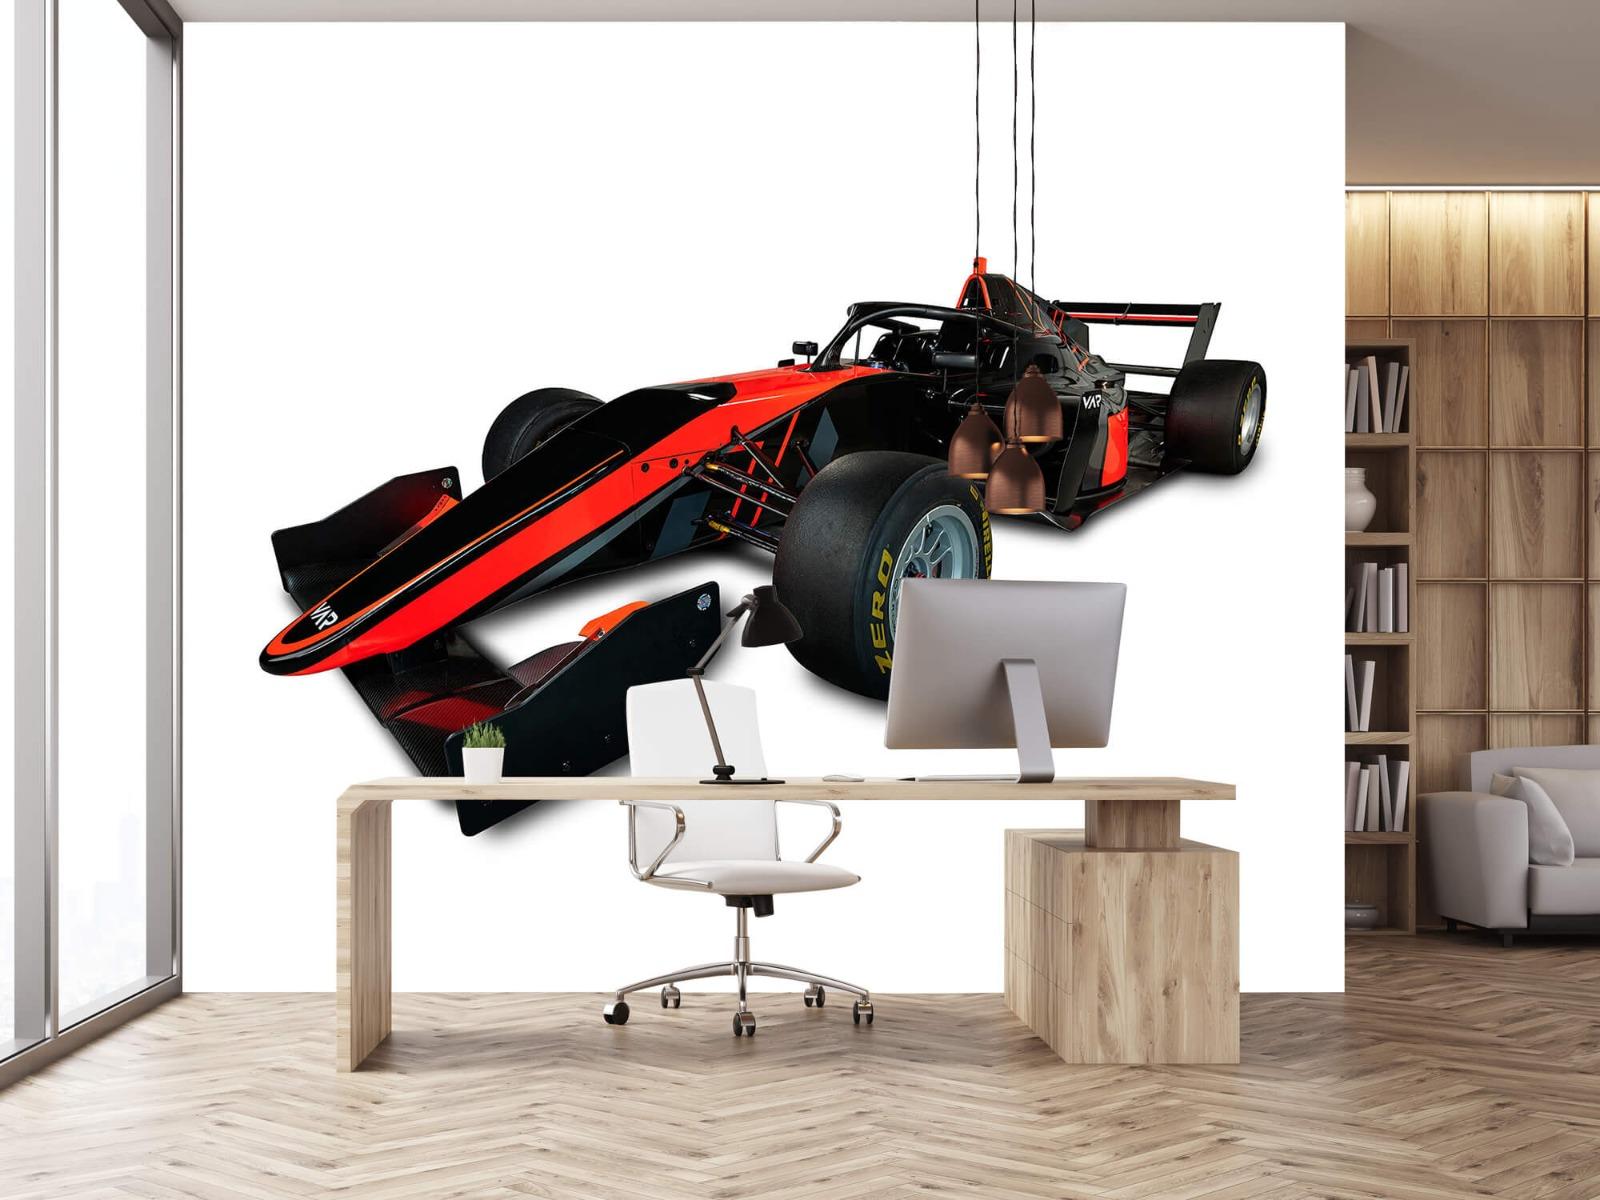 Sportauto's - Formule 3 - Left front view - Tienerkamer 24